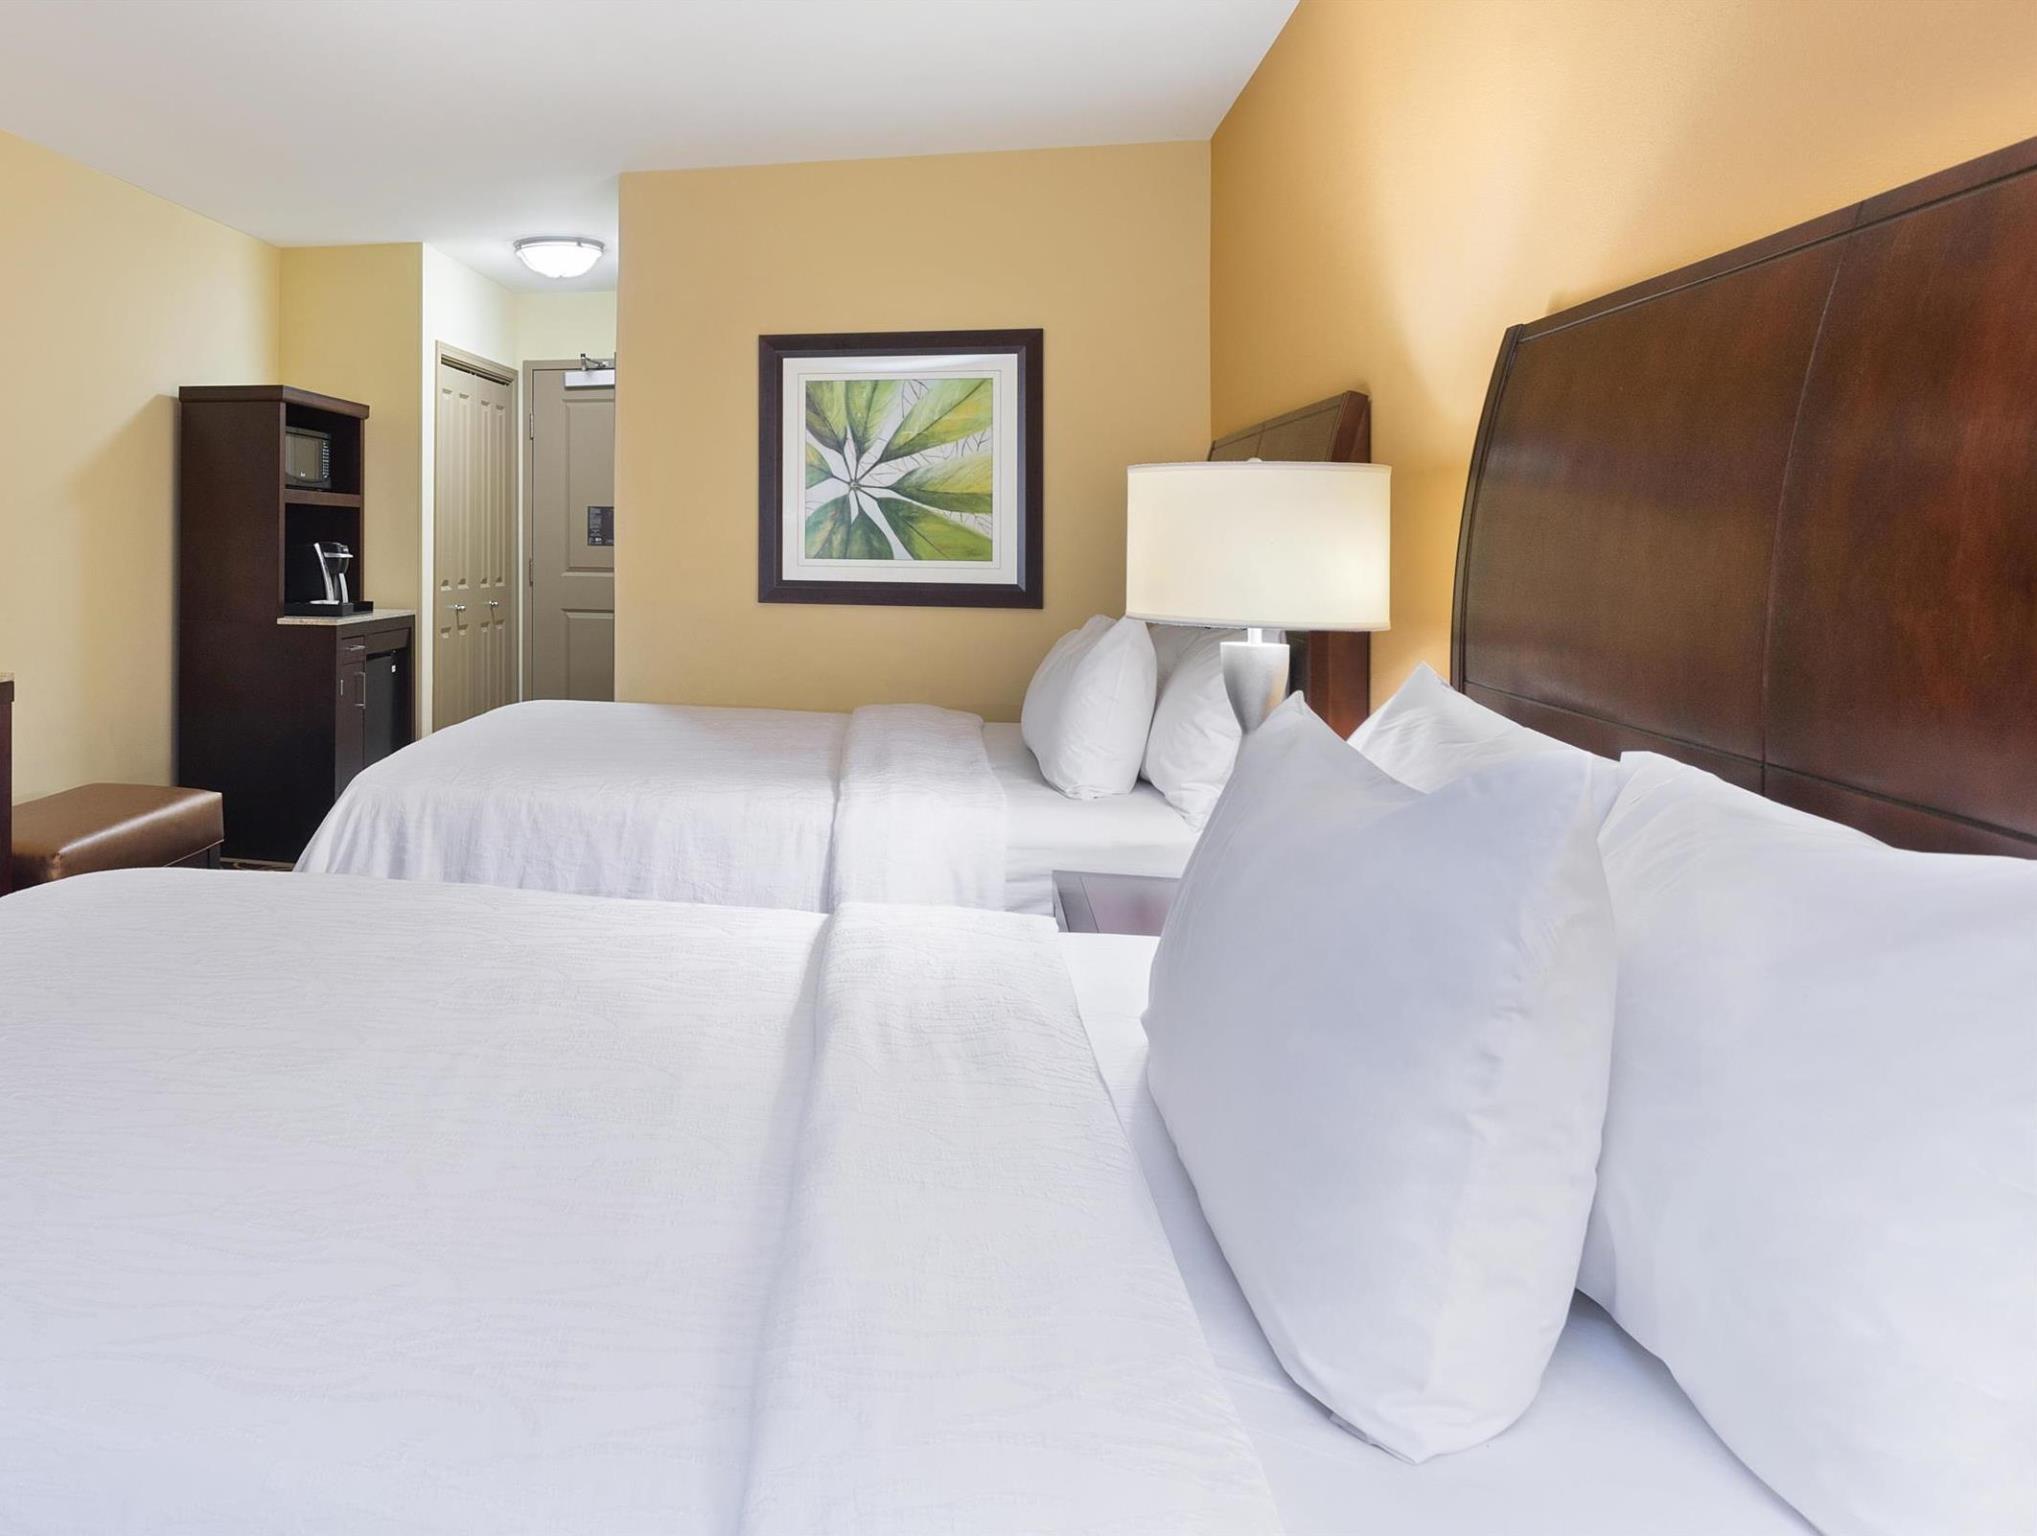 Hilton Garden Inn Shreveport Bossier City